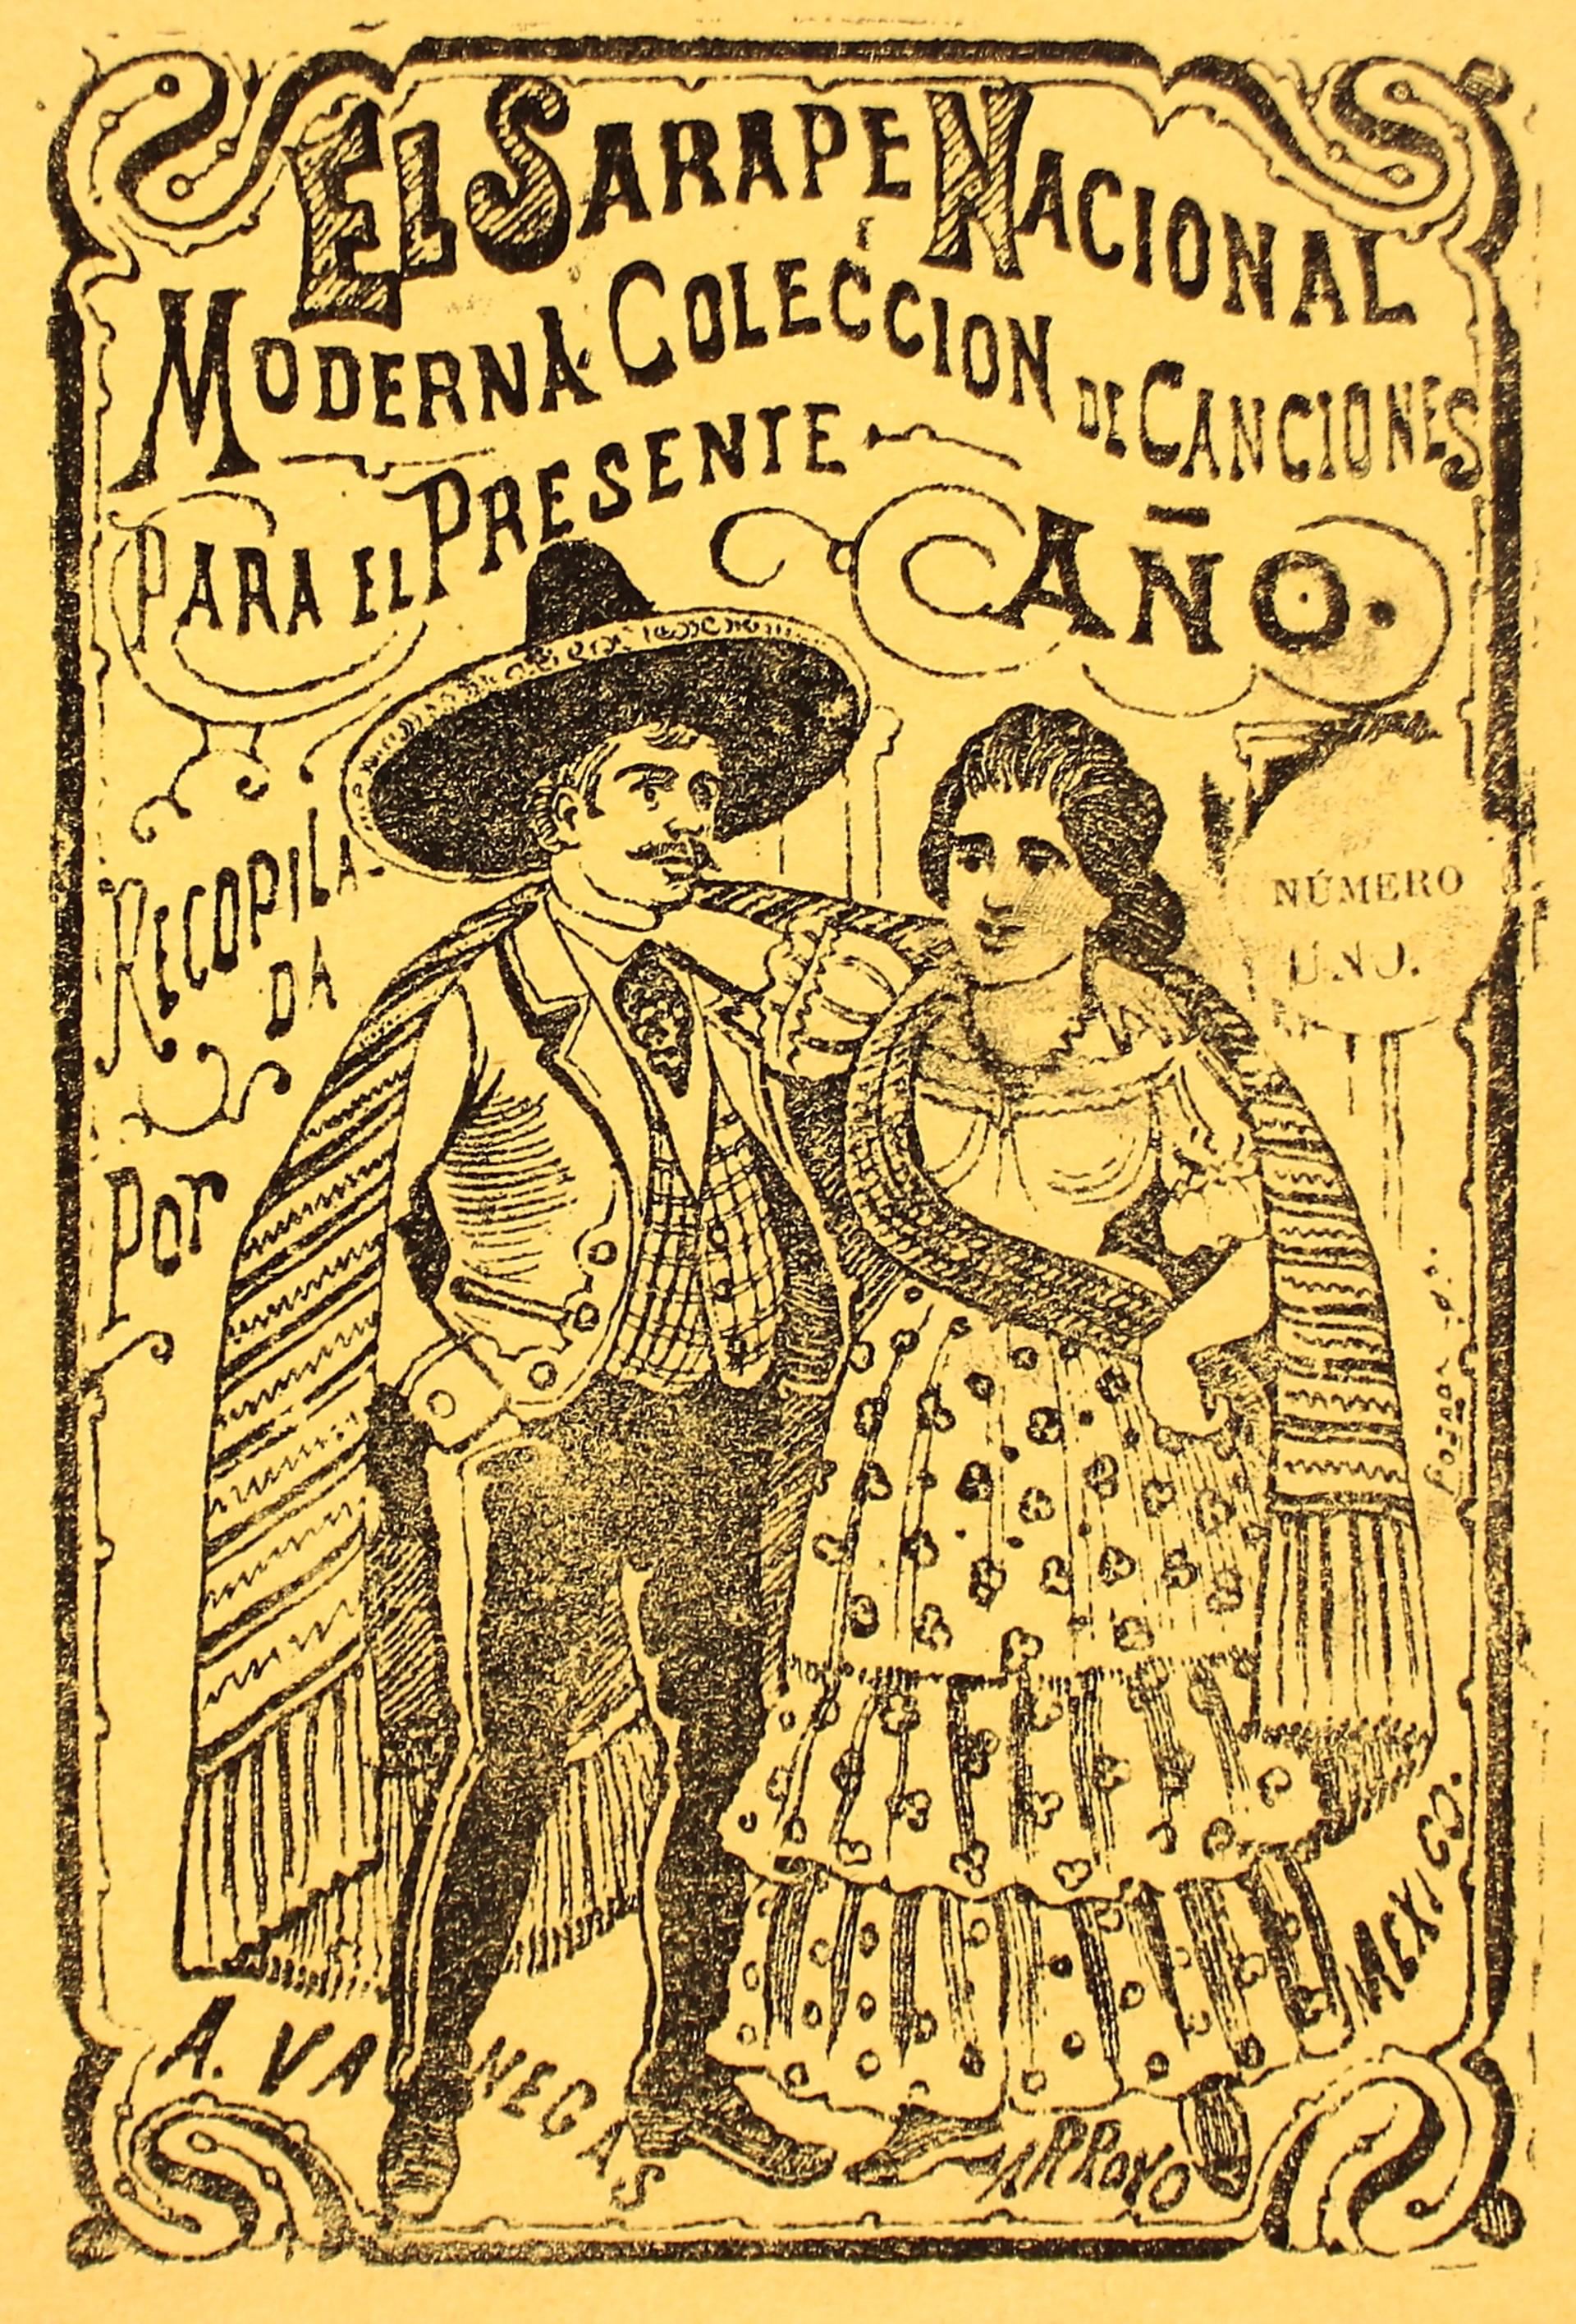 El Sarape Nacional. Moderna coleccion de canciones para el presente ano, No. 1 by José Guadalupe Posada (1852 - 1913)